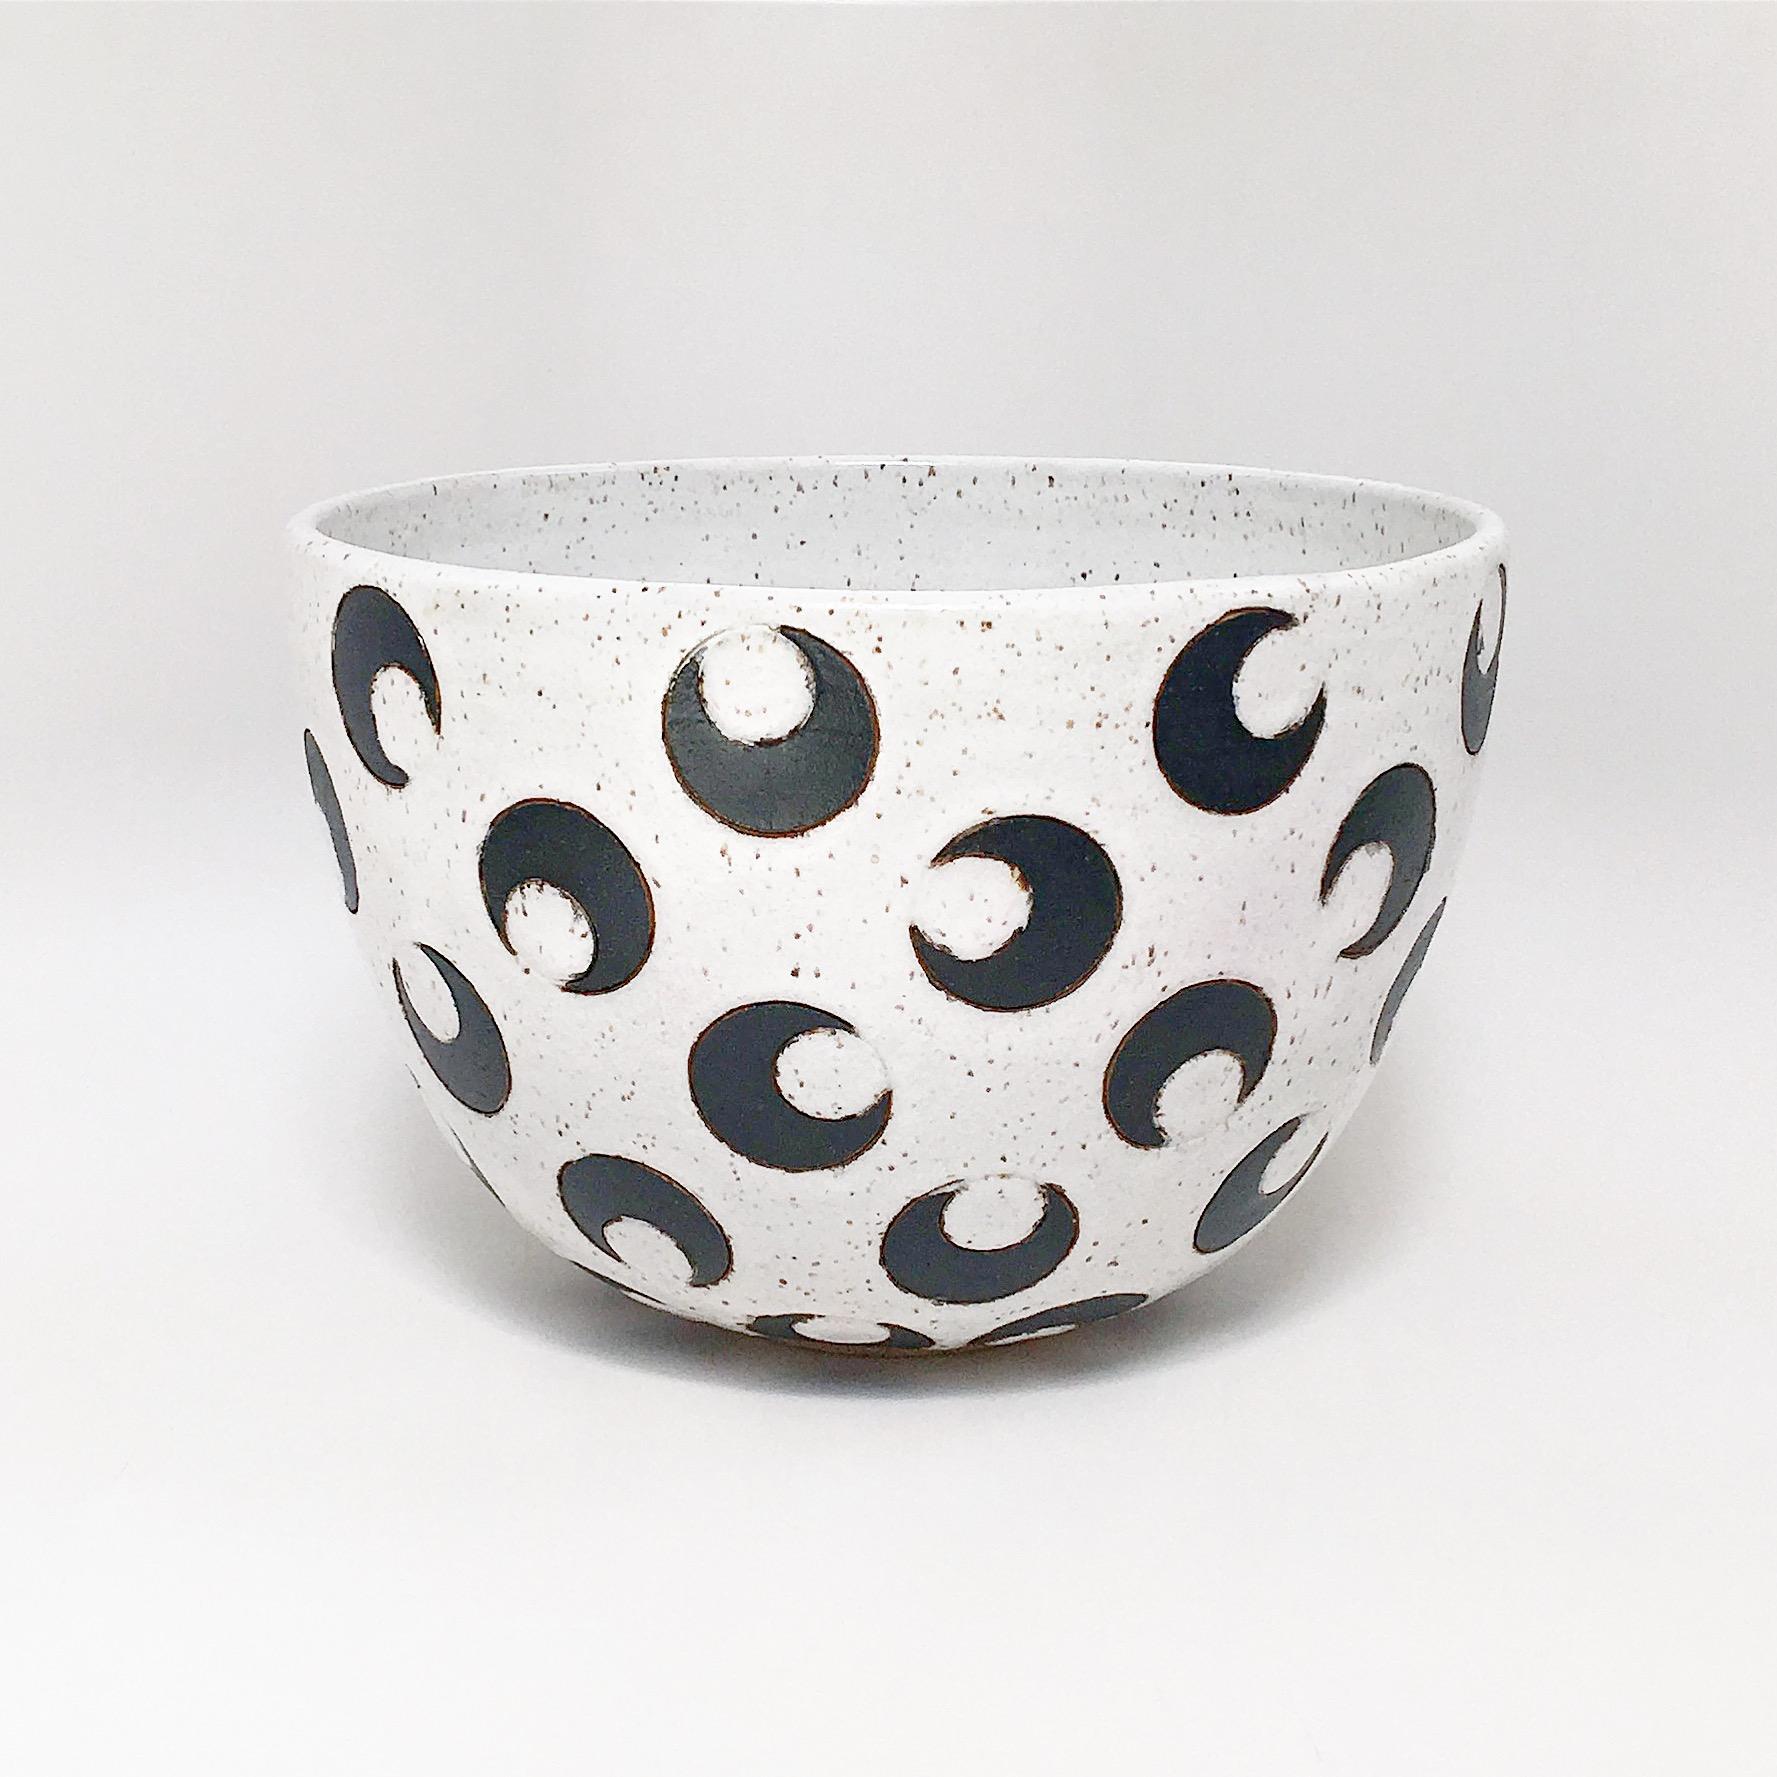 Black Crescent Moon Bowl